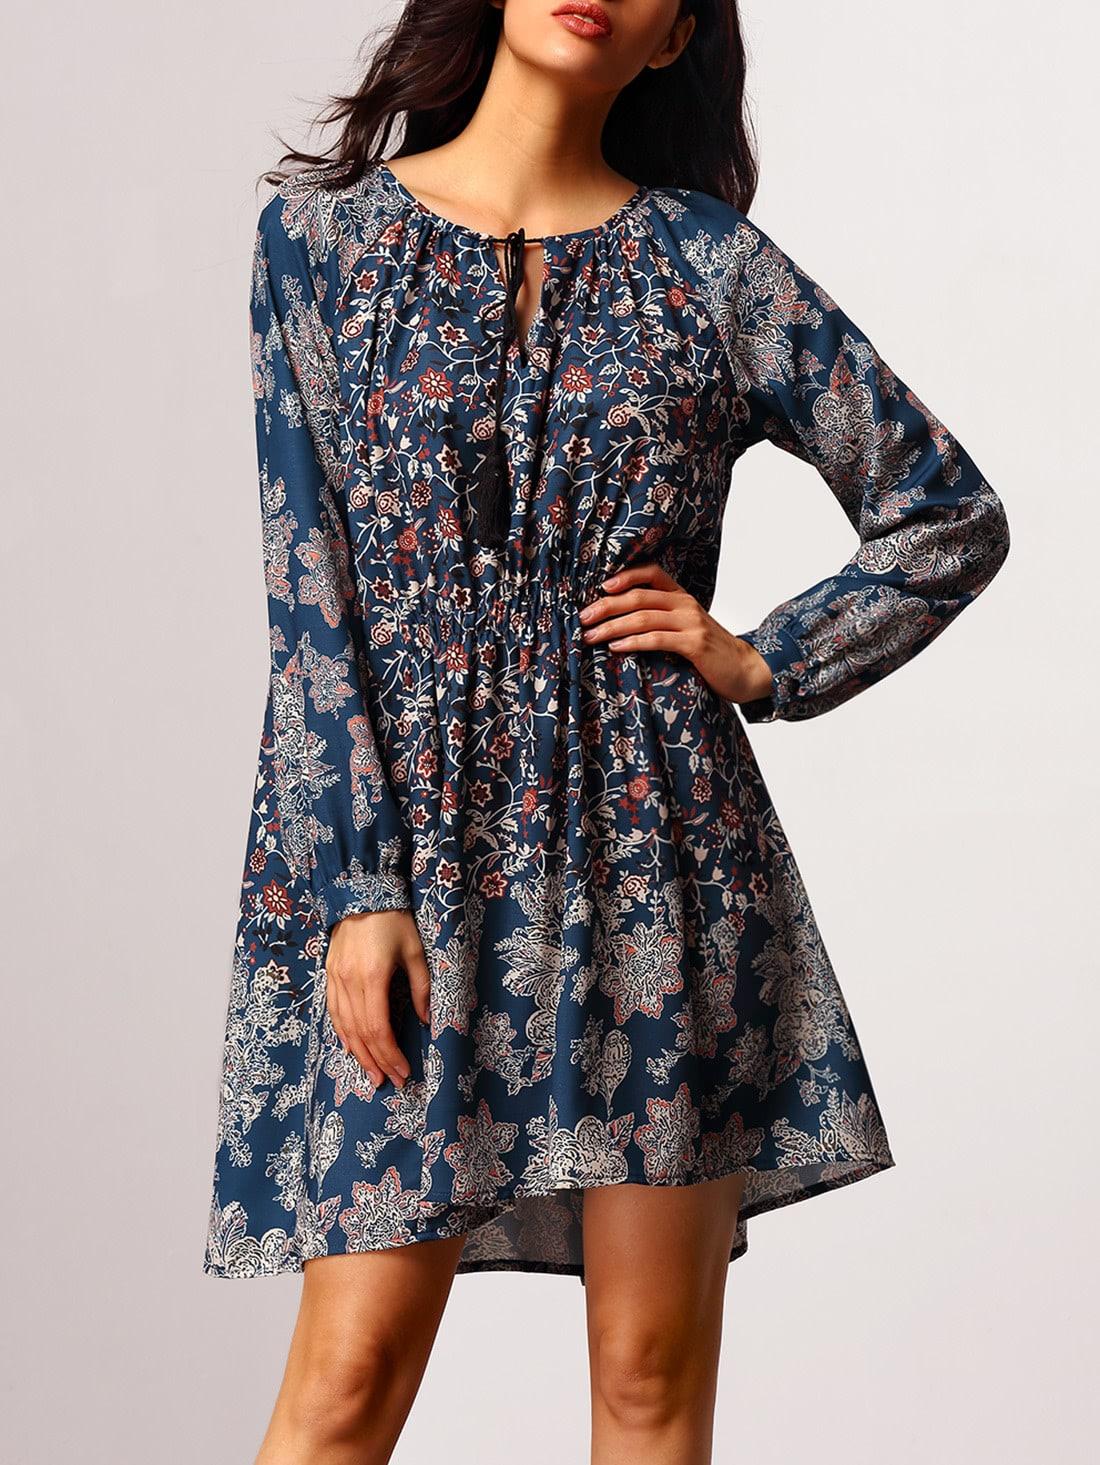 robe vintage imprim manches longues bleu marine french. Black Bedroom Furniture Sets. Home Design Ideas